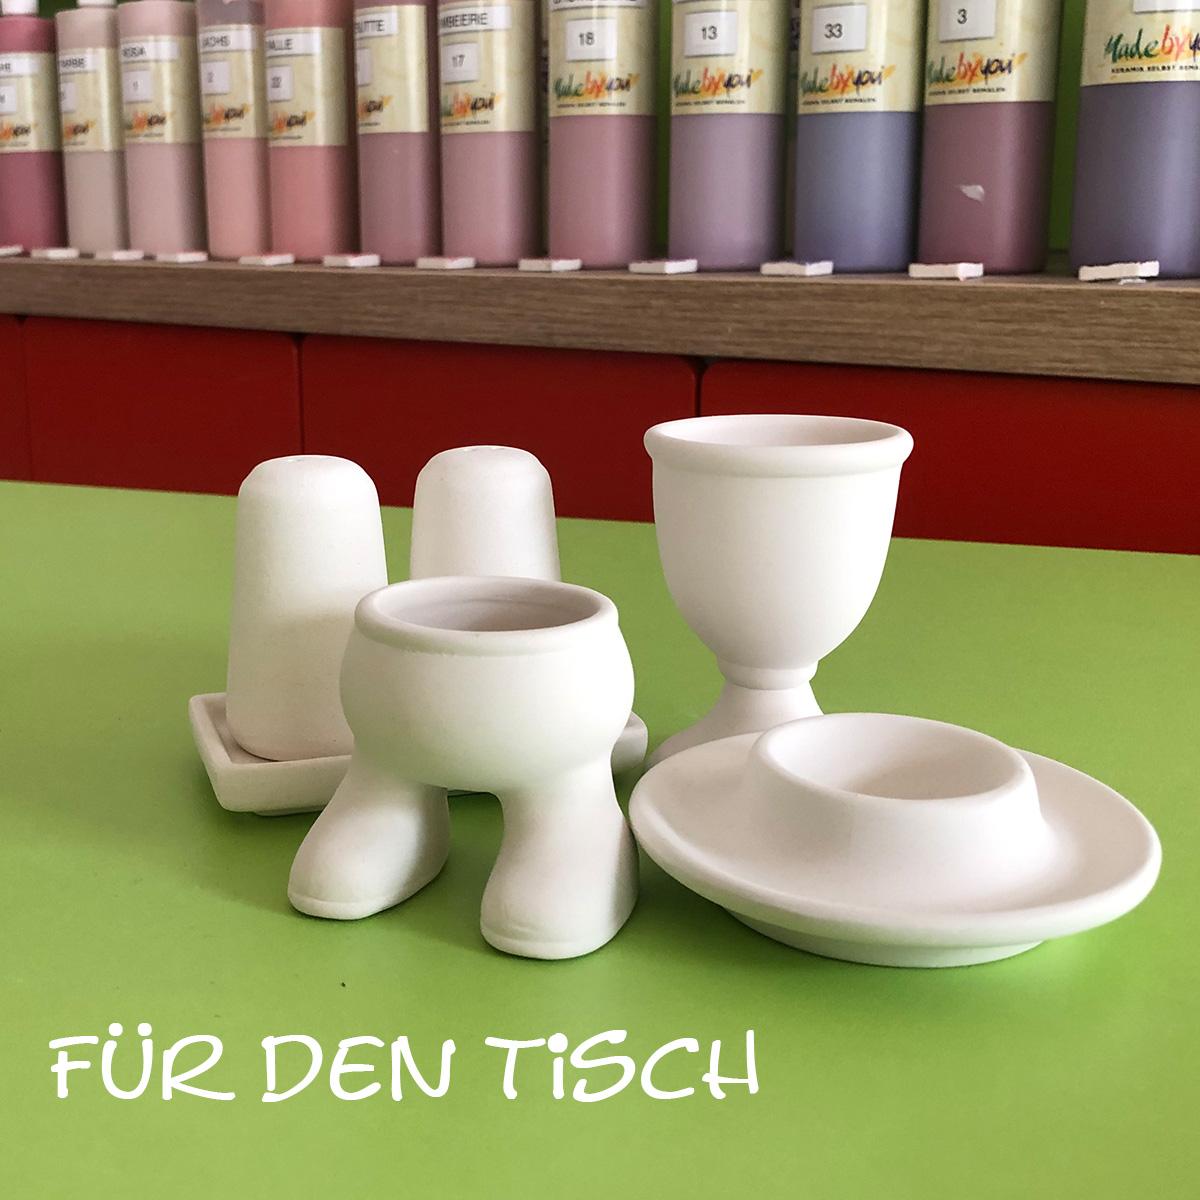 Keramik zum bemalen für den Tisch